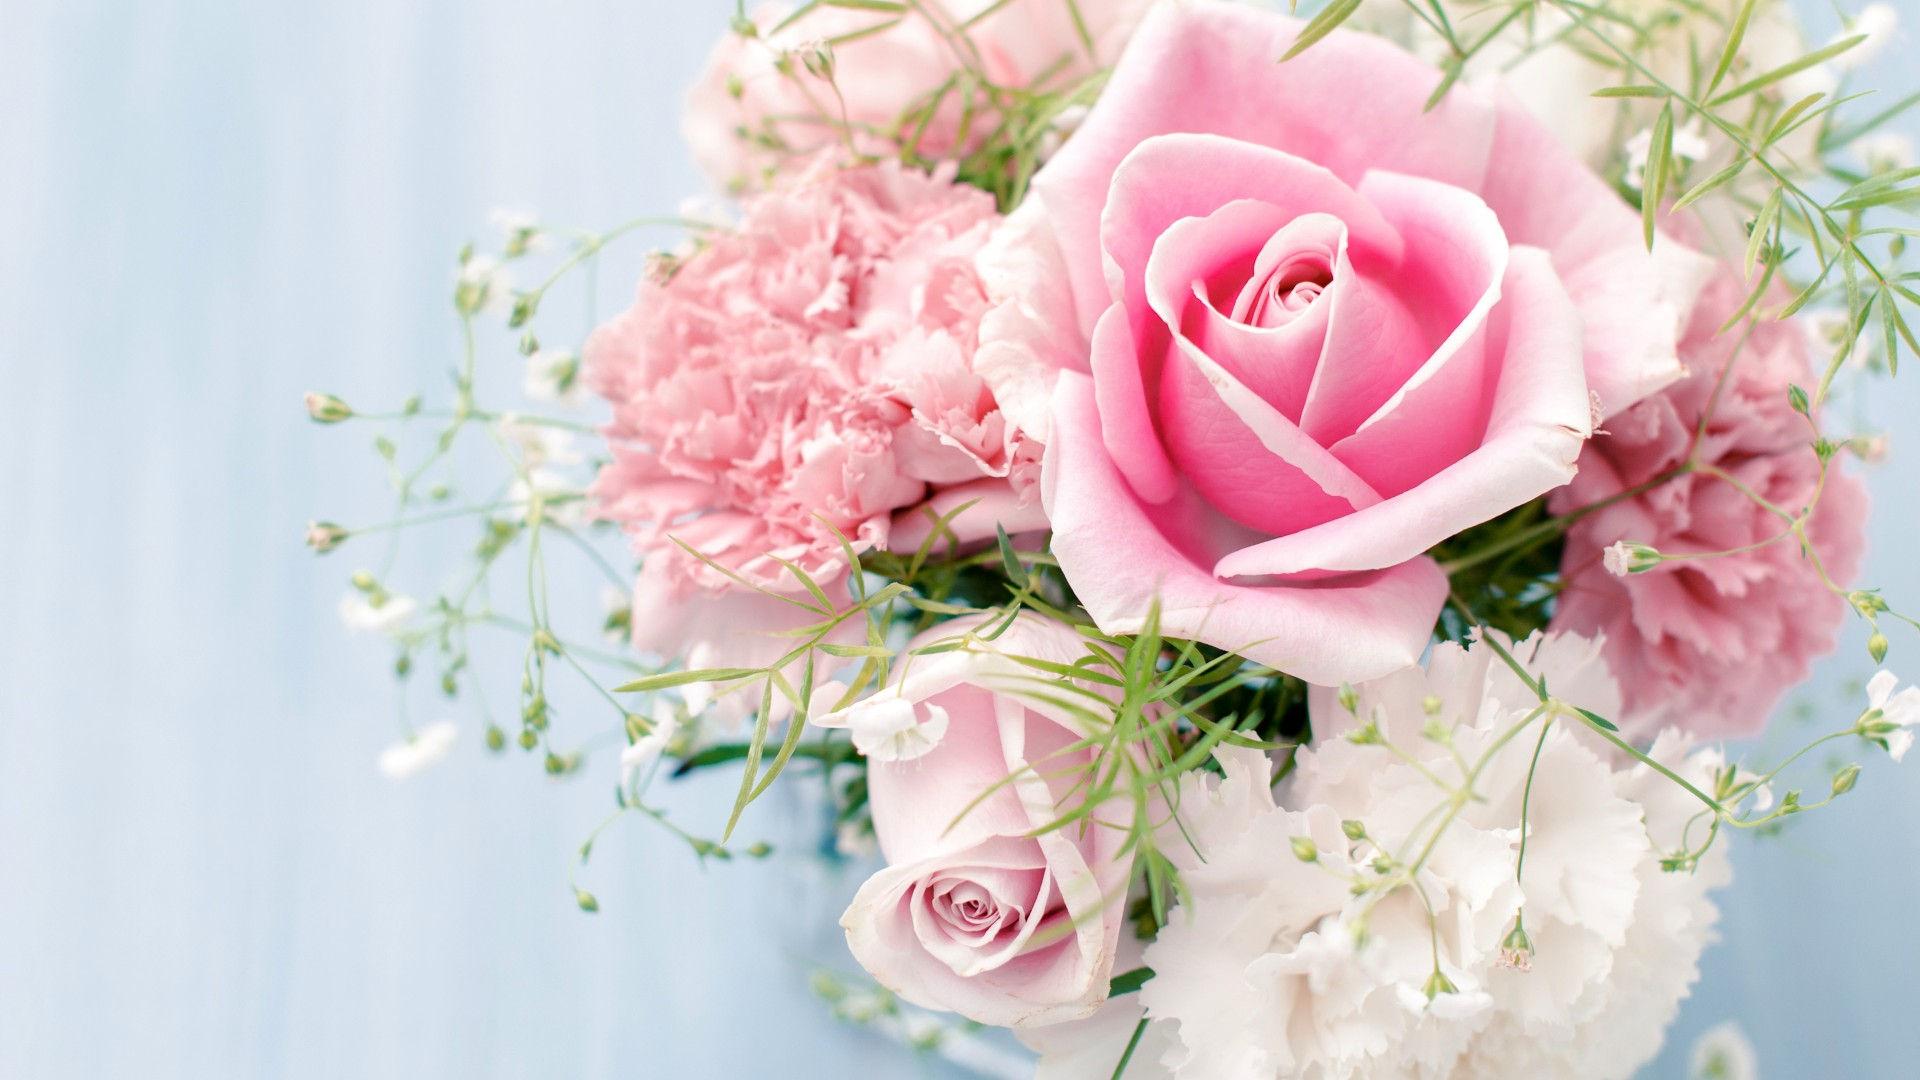 Wallpaper rose hd gratuit t l charger sur ngn mag for Bouquet de fleurs hd